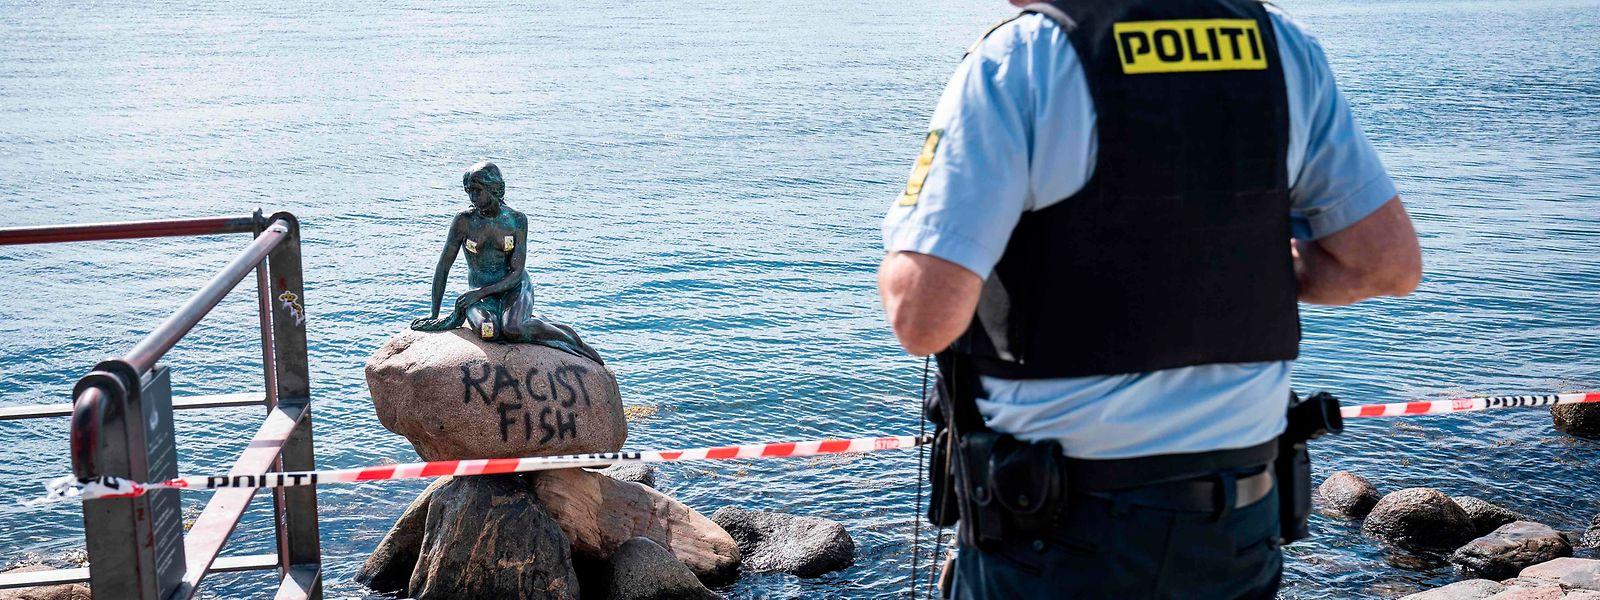 Pas question pour les ressortissants luxembourgeois de rendre visite à la célèbre petite sirène de Copenhague à partir de samedi